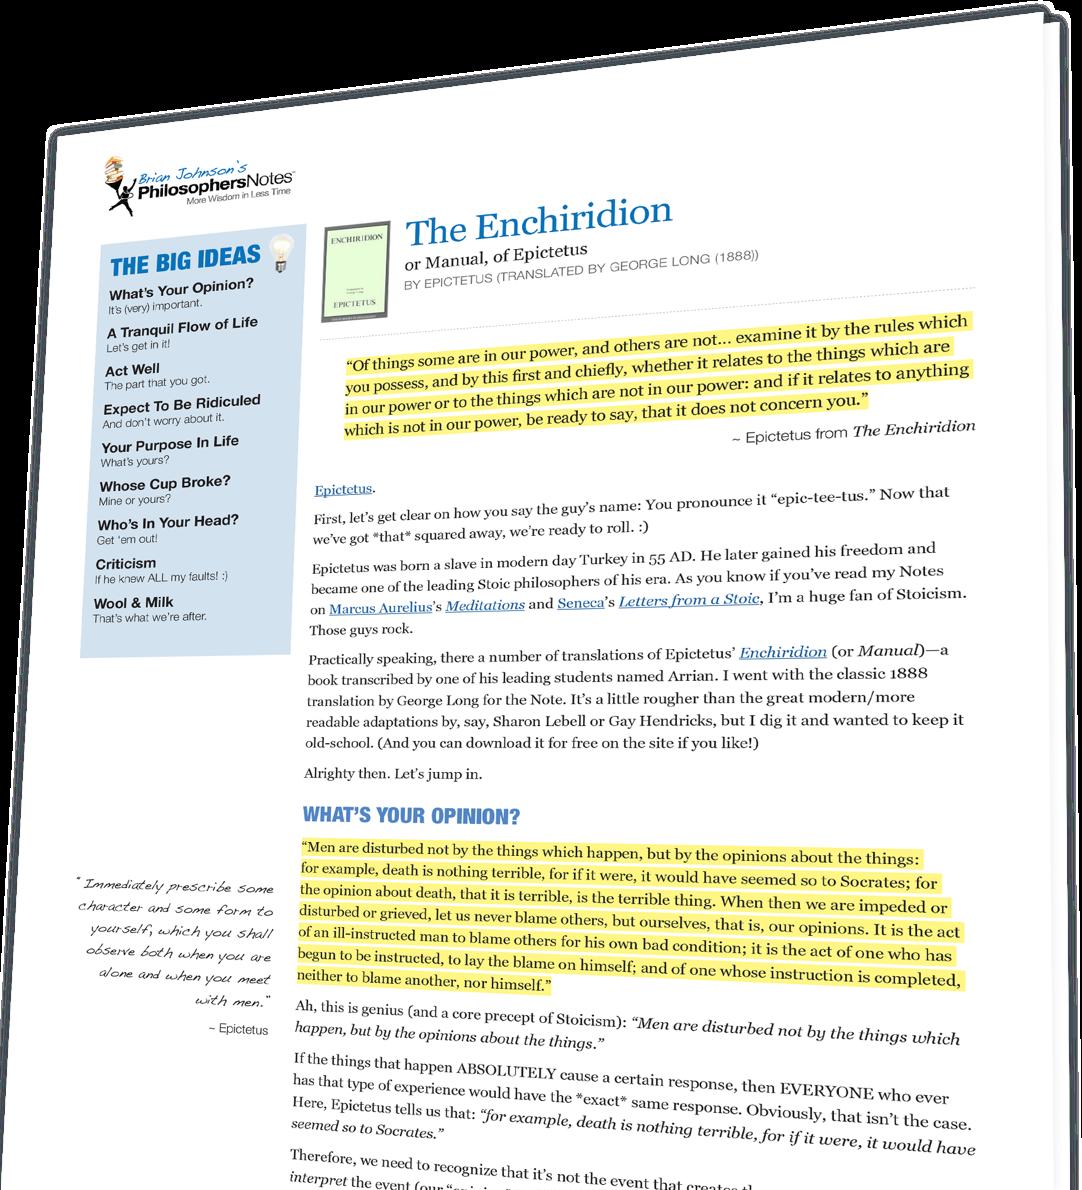 manual for living by epictetus pdf